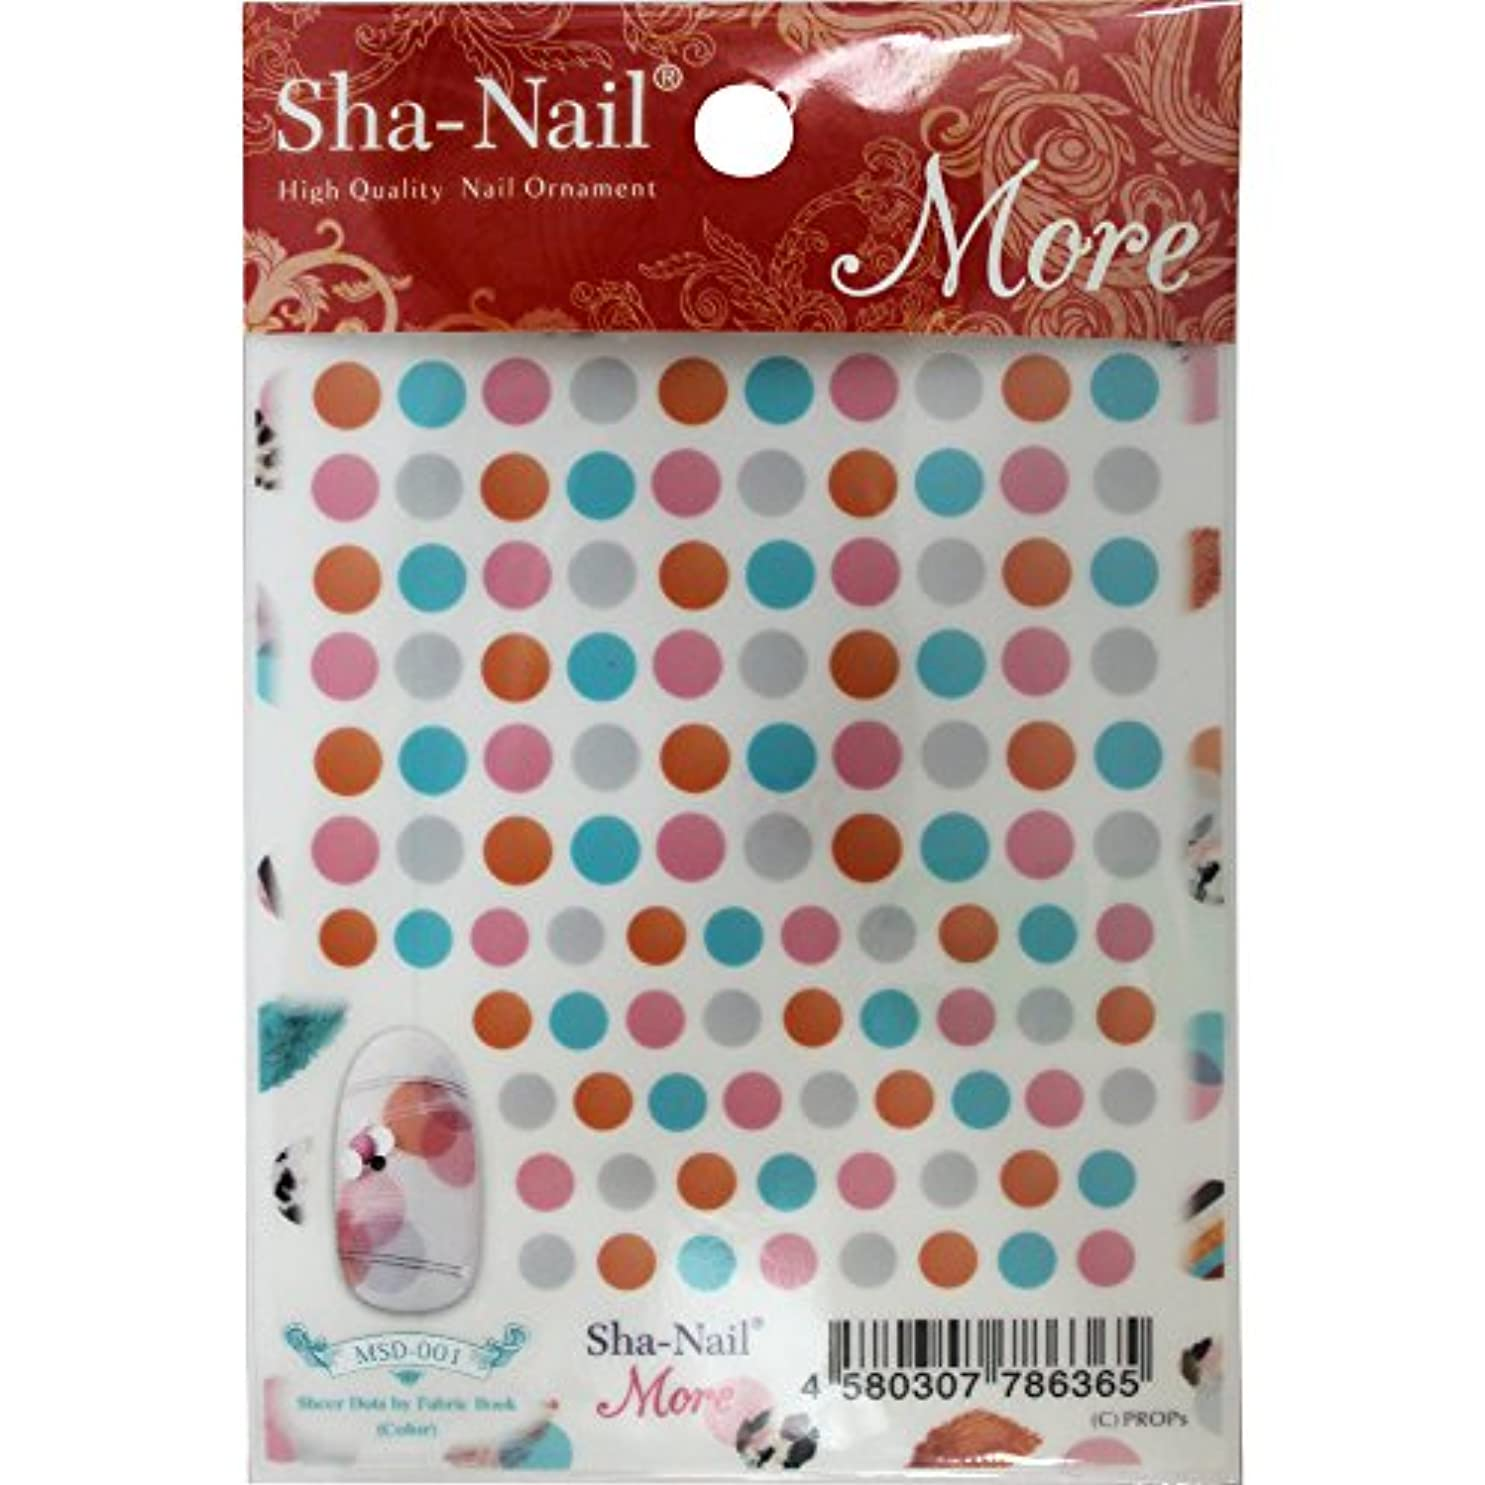 適合しました和算術Sha-Nail More ネイルシール シアードット(カラー) MSD-001 アート材